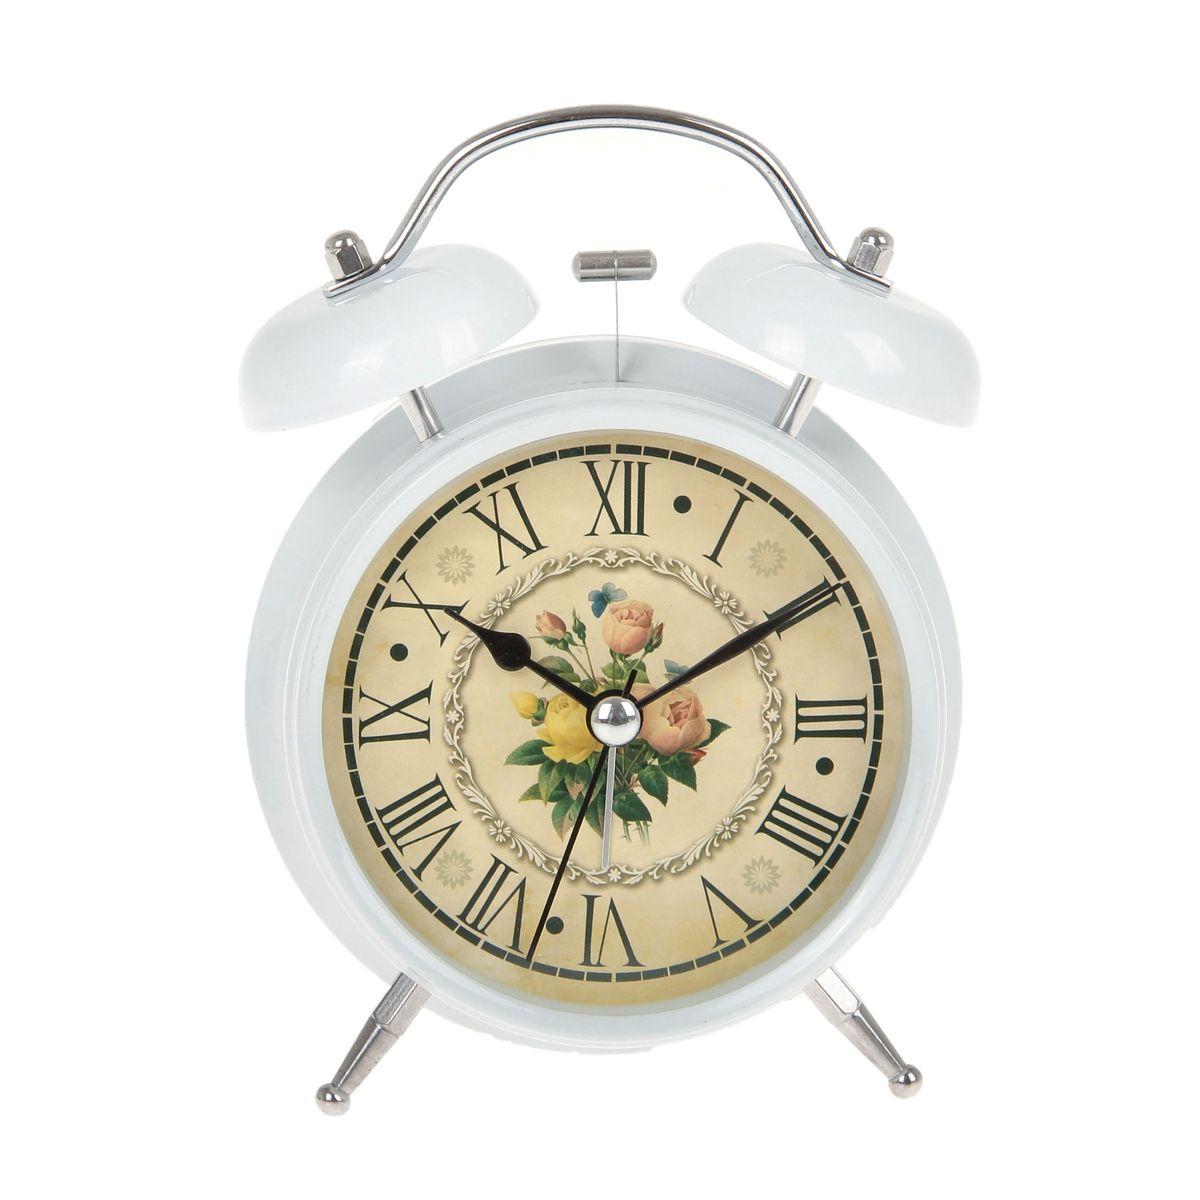 Часы-будильник Sima-land Цветы. 720837720837Как же сложно иногда вставать вовремя! Всегда так хочется поспать еще хотя бы 5 минут и бывает, что мы просыпаем. Теперь этого не случится! Яркий, оригинальный будильник Sima-land Цветы поможет вам всегда вставать в нужное время и успевать везде и всюду. Корпус будильника выполнен из металла. Циферблат оформлен изображением цветов. Часы снабжены 4 стрелками (секундная, минутная, часовая и для будильника). На задней панели будильника расположен переключатель включения/выключения механизма, а также два колесика для настройки текущего времени и времени звонка будильника. Изделие снабжено подсветкой, которая включается нажатием на кнопку с задней стороны корпуса. Пользоваться будильником очень легко: нужно всего лишь поставить батарейку, настроить точное время и установить время звонка. Необходимо докупить 1 батарейку типа АА (не входит в комплект).